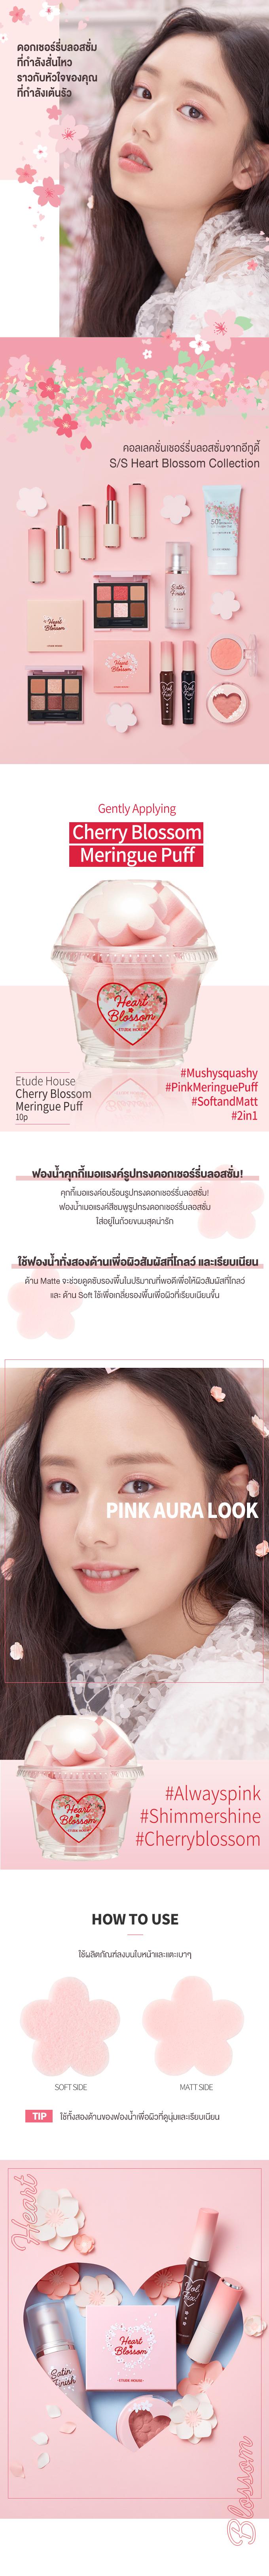 TH1_Heart blossom_My Beauty Tool Meringue Puff